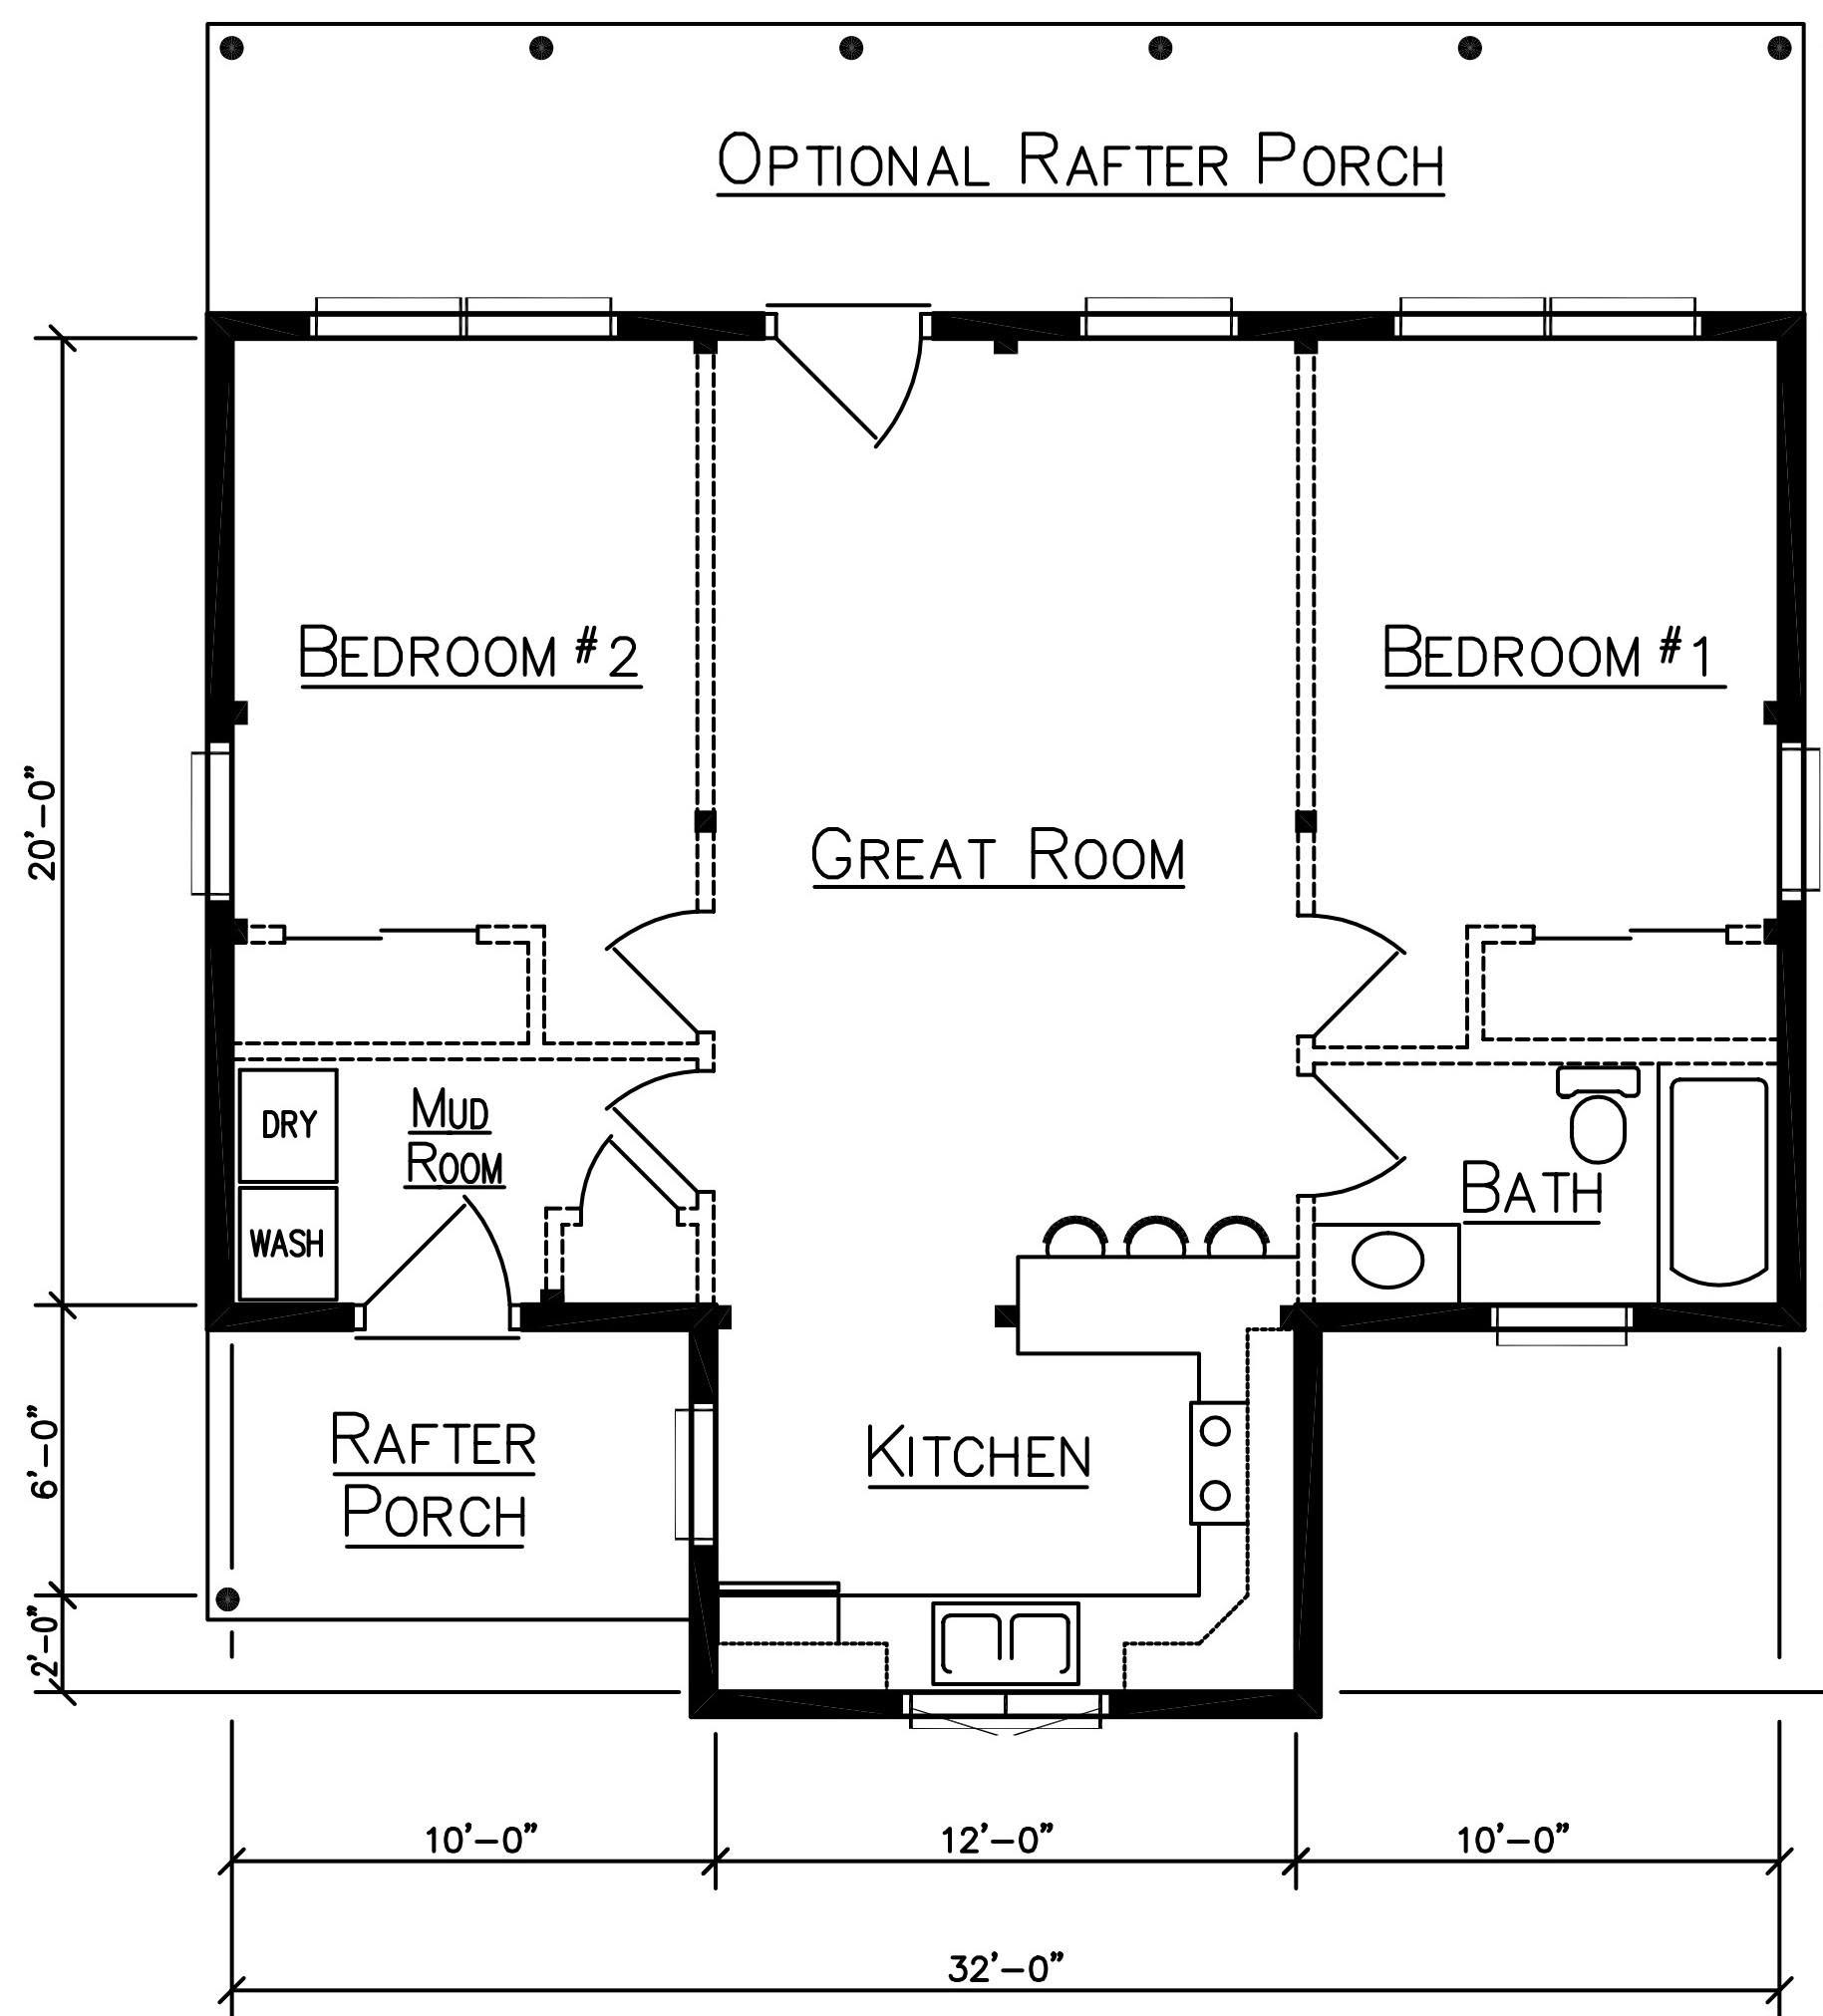 Camp sebago log cabin ward cedar log homes floor plans for Camp building plans